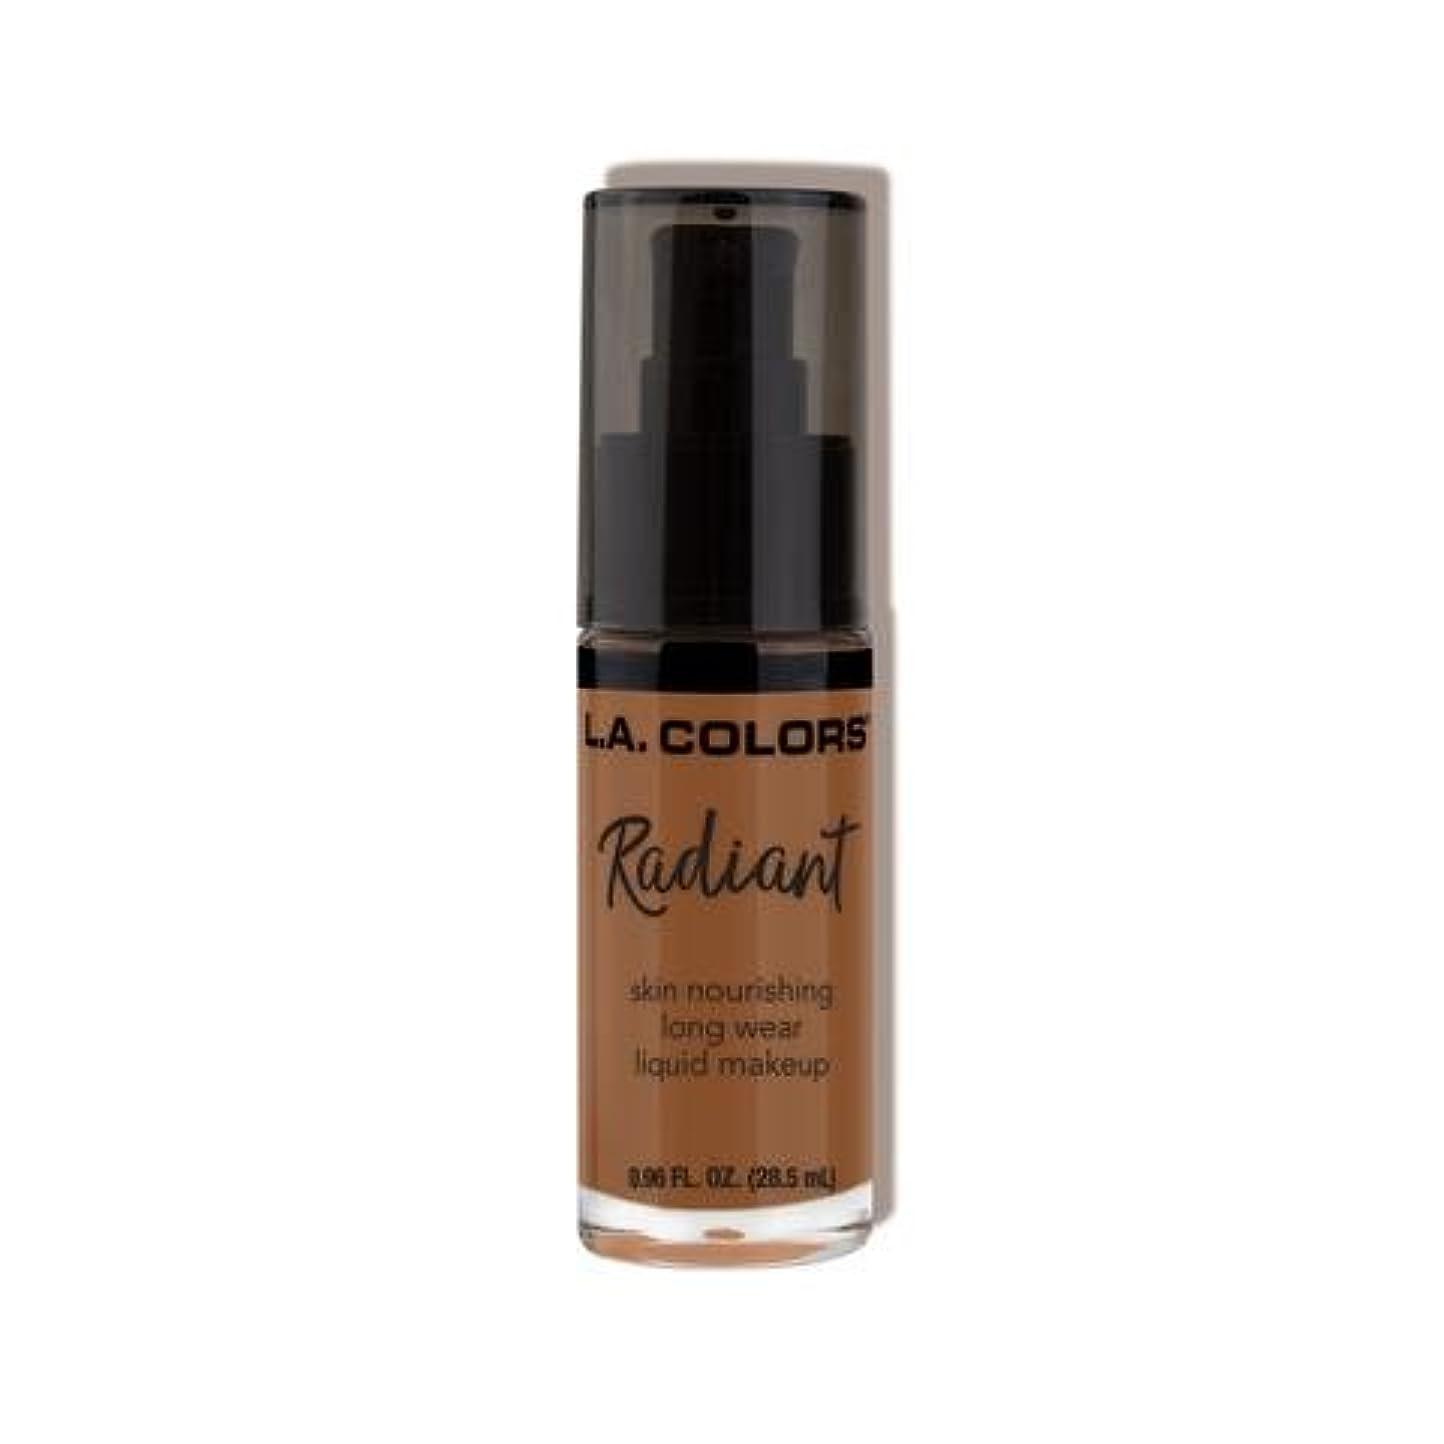 霧剥ぎ取る研究(3 Pack) L.A. COLORS Radiant Liquid Makeup - Ginger (並行輸入品)